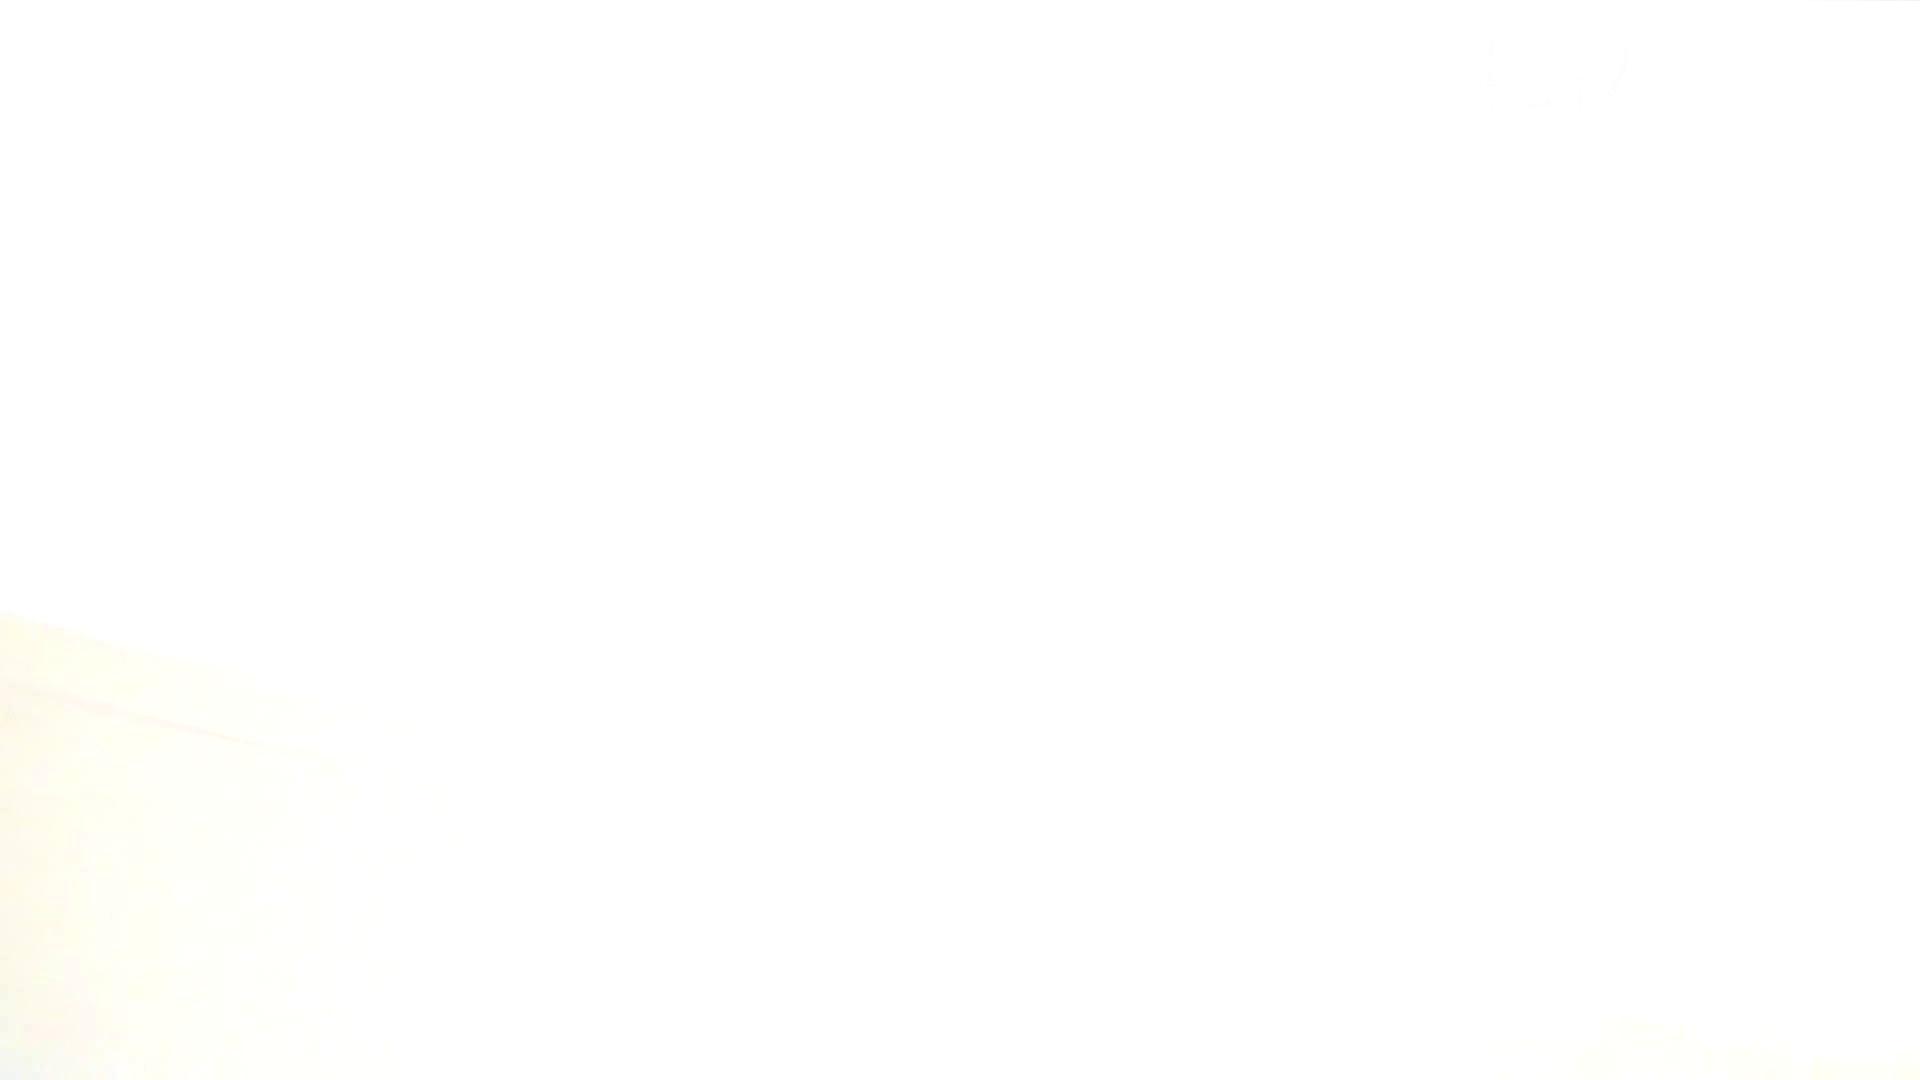 至高下半身盗撮-PREMIUM-【院内病棟編 】VOL2 OLのボディ   盗撮  50PIX 25